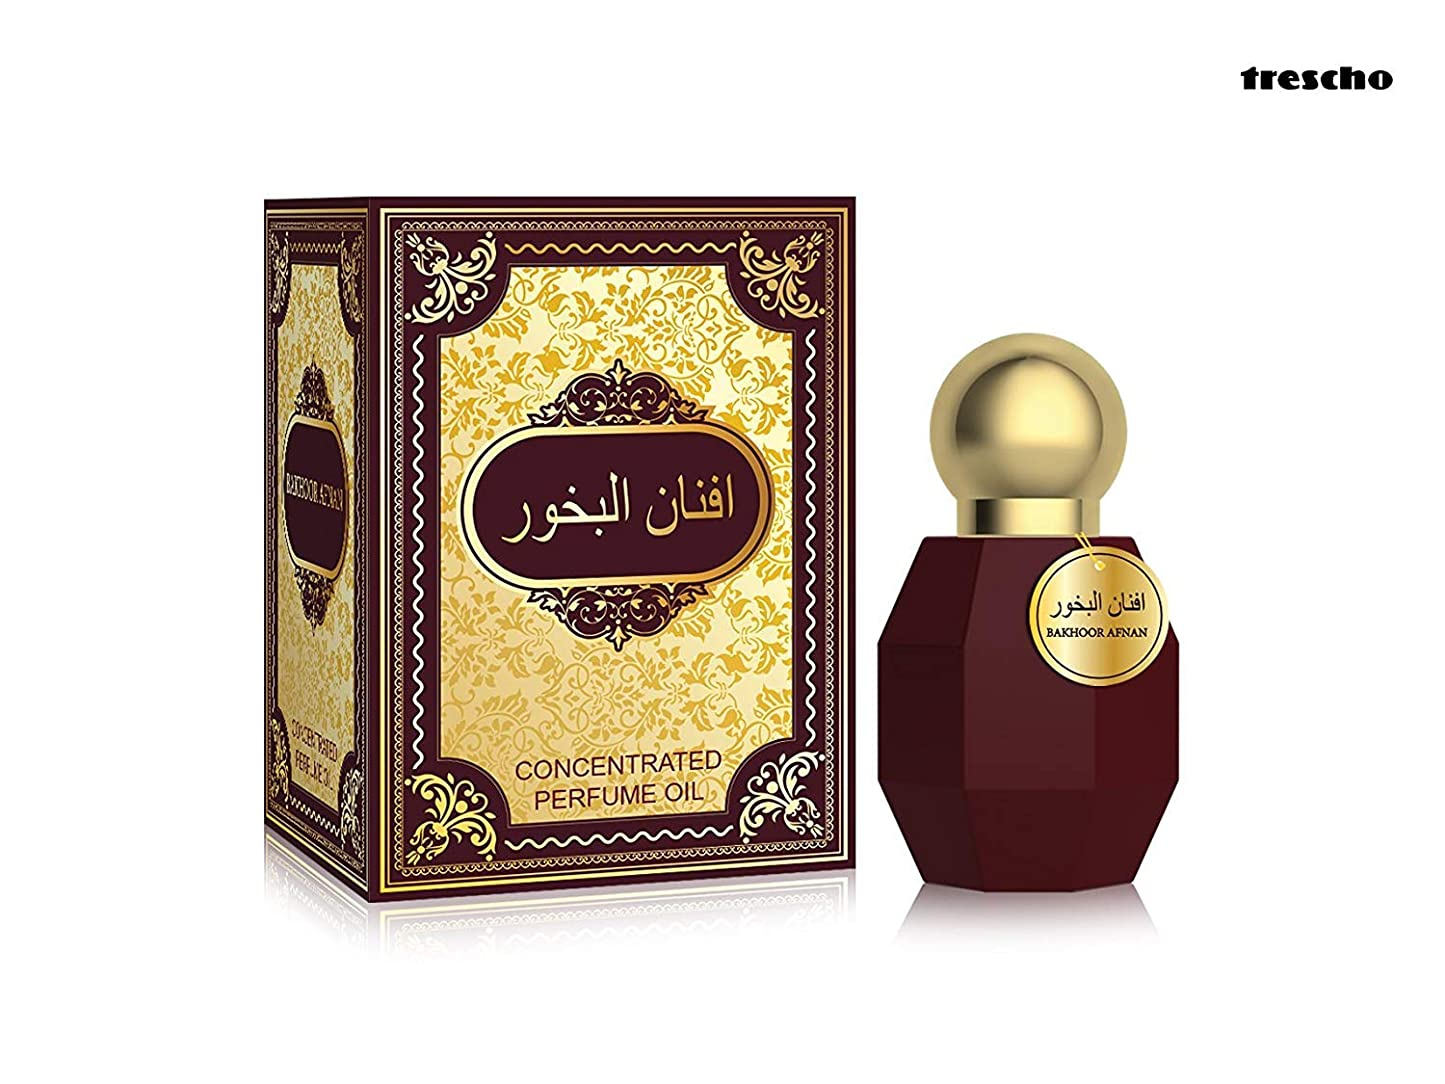 考古学的な城作り香水Bakhoor Afnanアター(Ittar)で20ミリリットルロール|アターITRA最高品質の香水長持ちアタースプレー